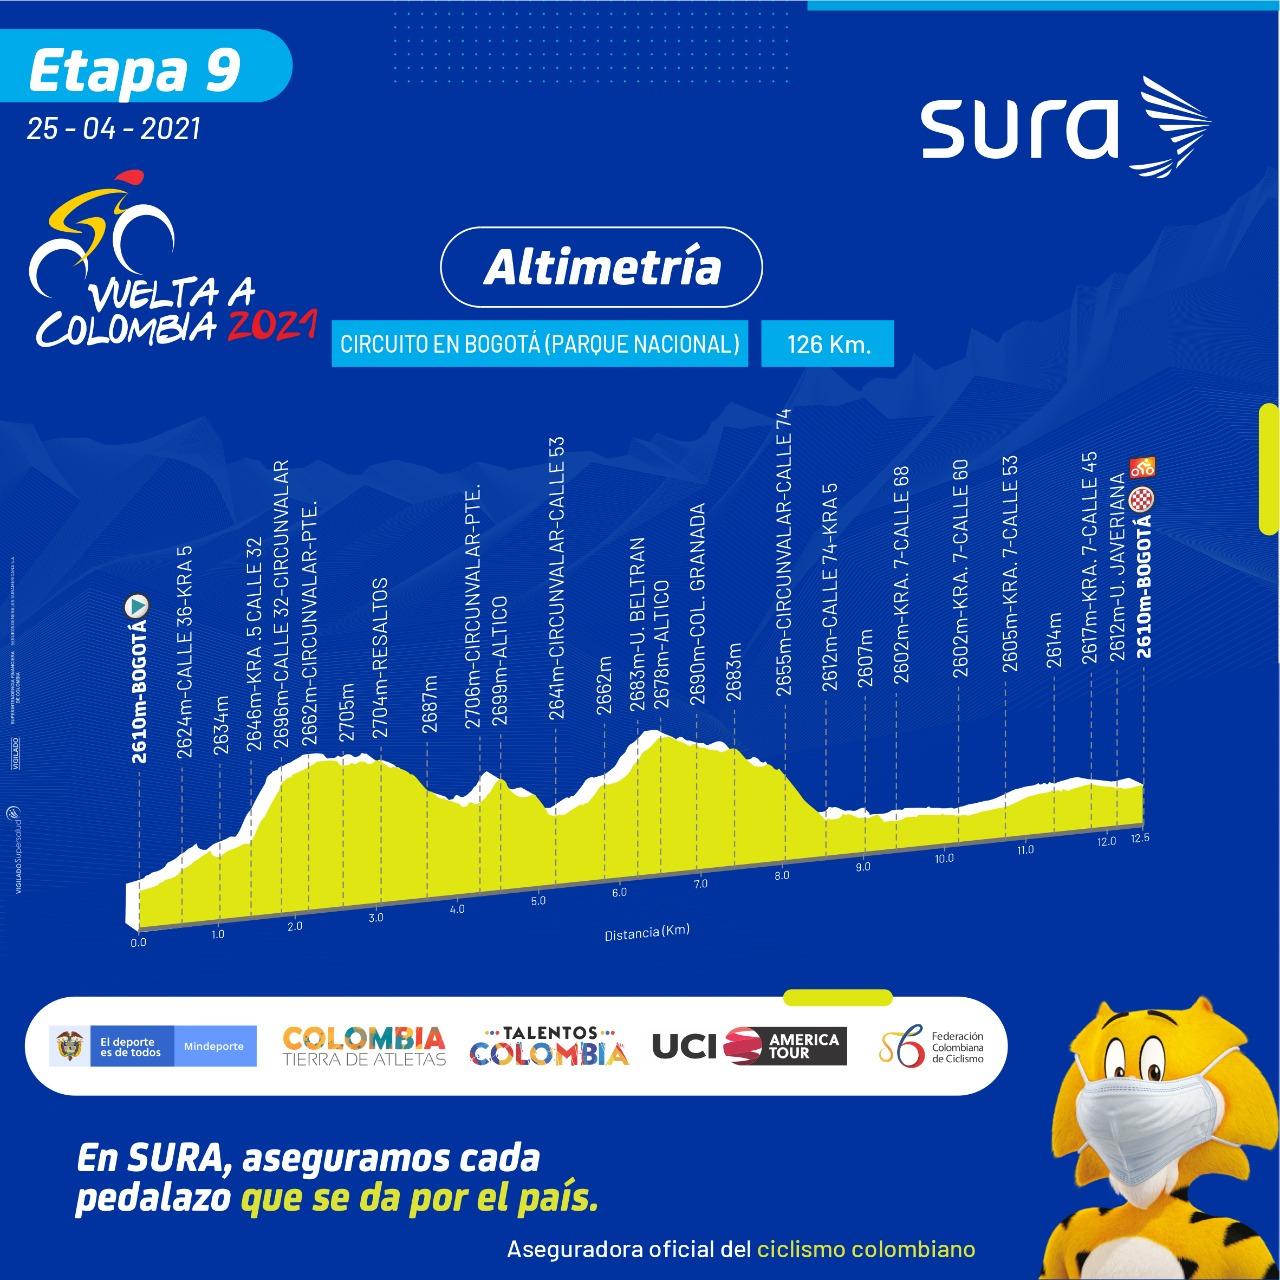 Etapa 9 Vuelta a Colombia 2021